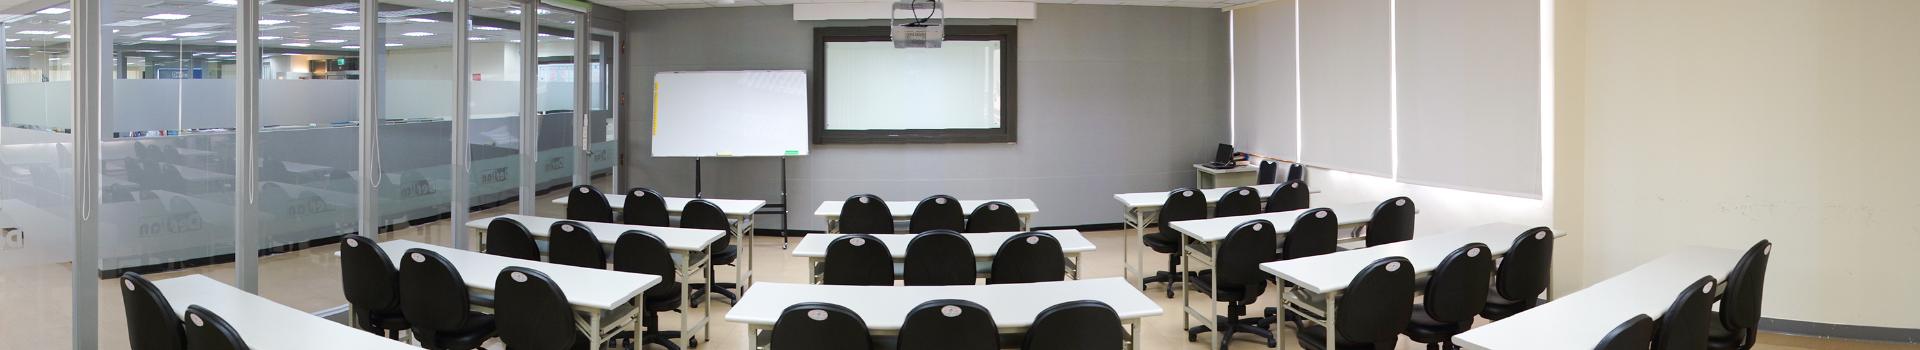 綜合教室A - 環境照片